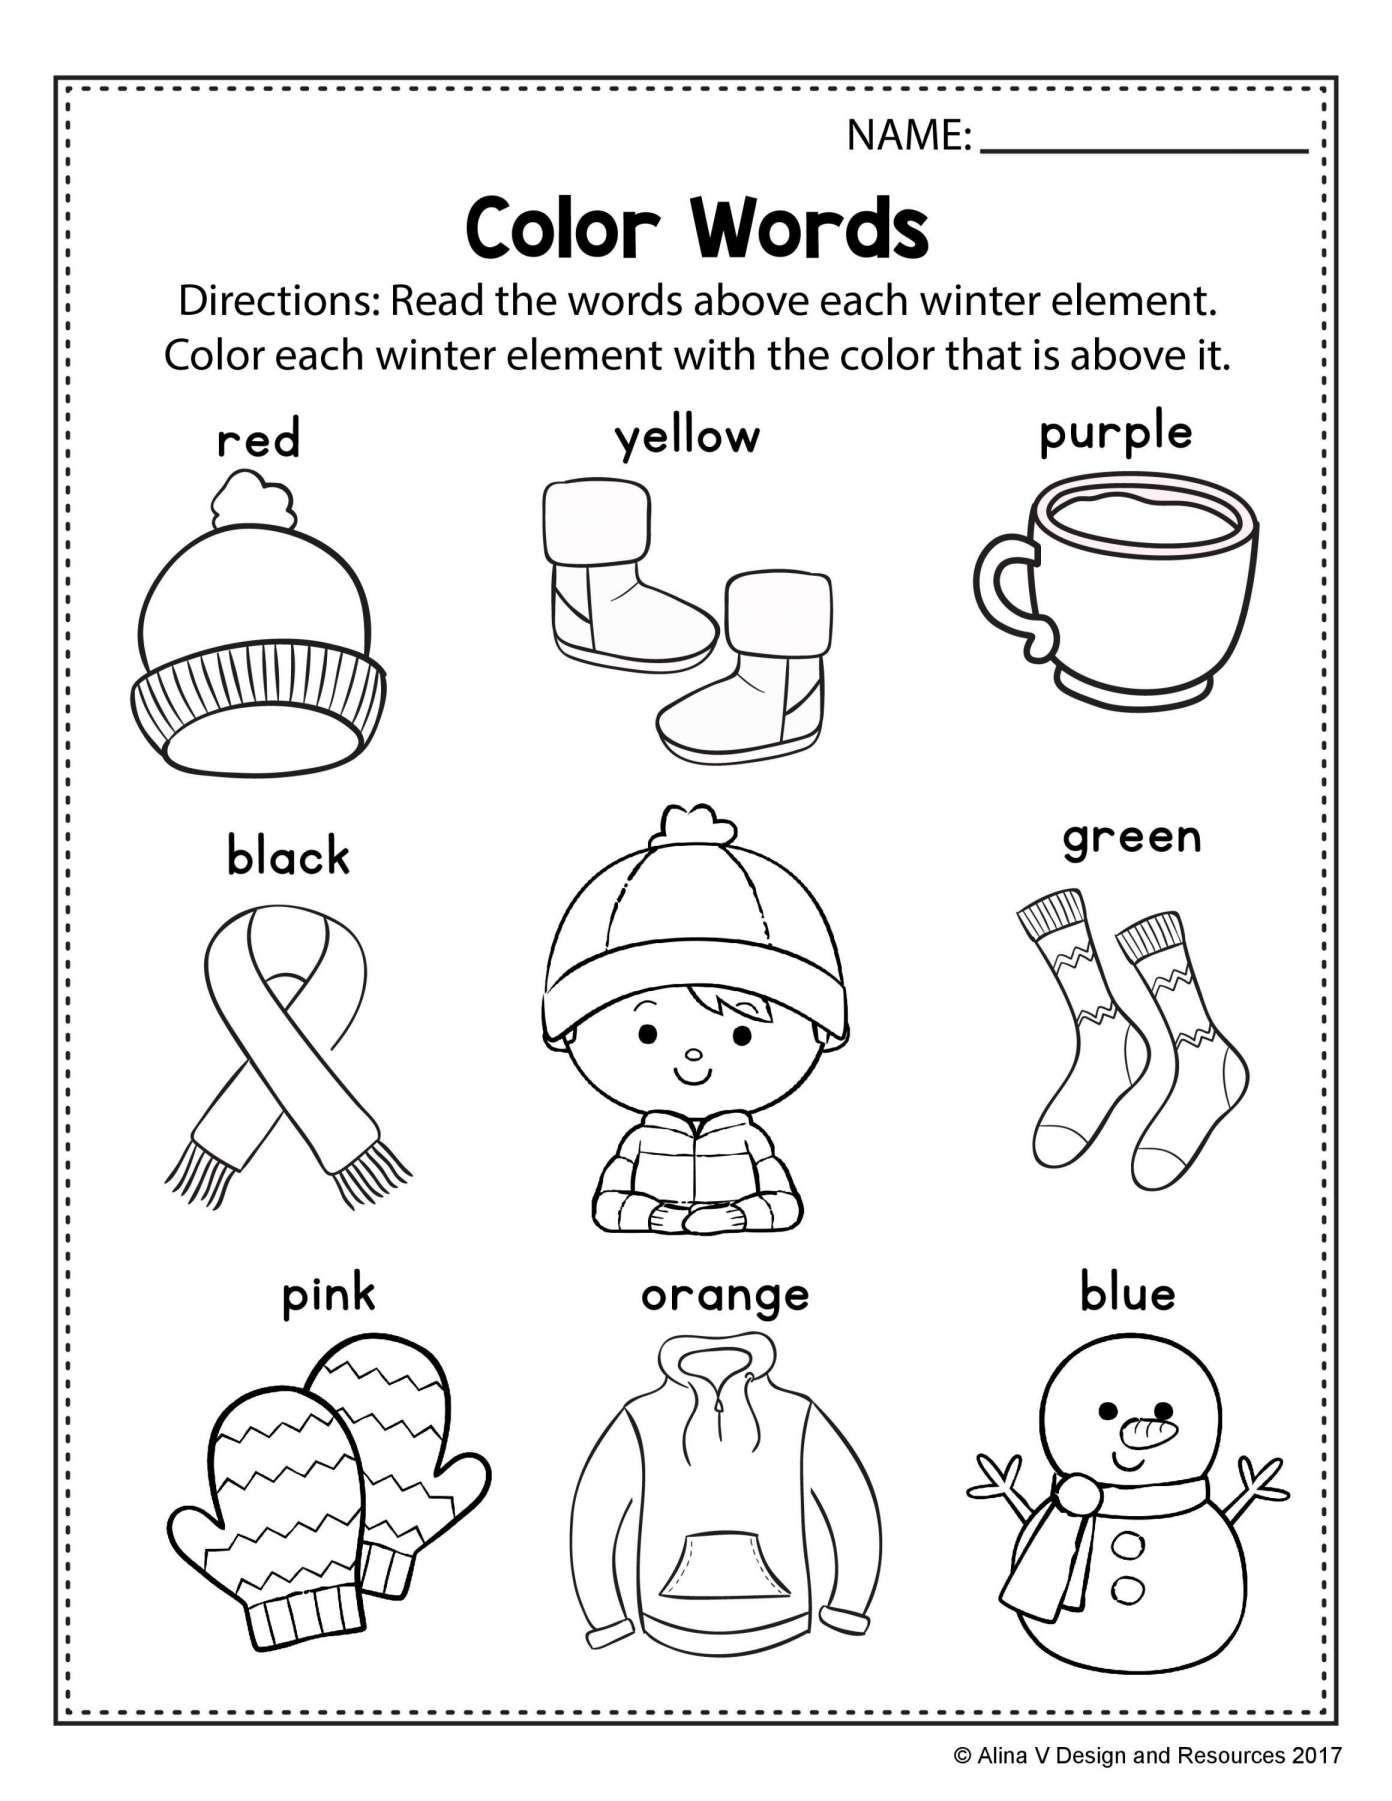 10 Winter Worksheets For Preschoolers In